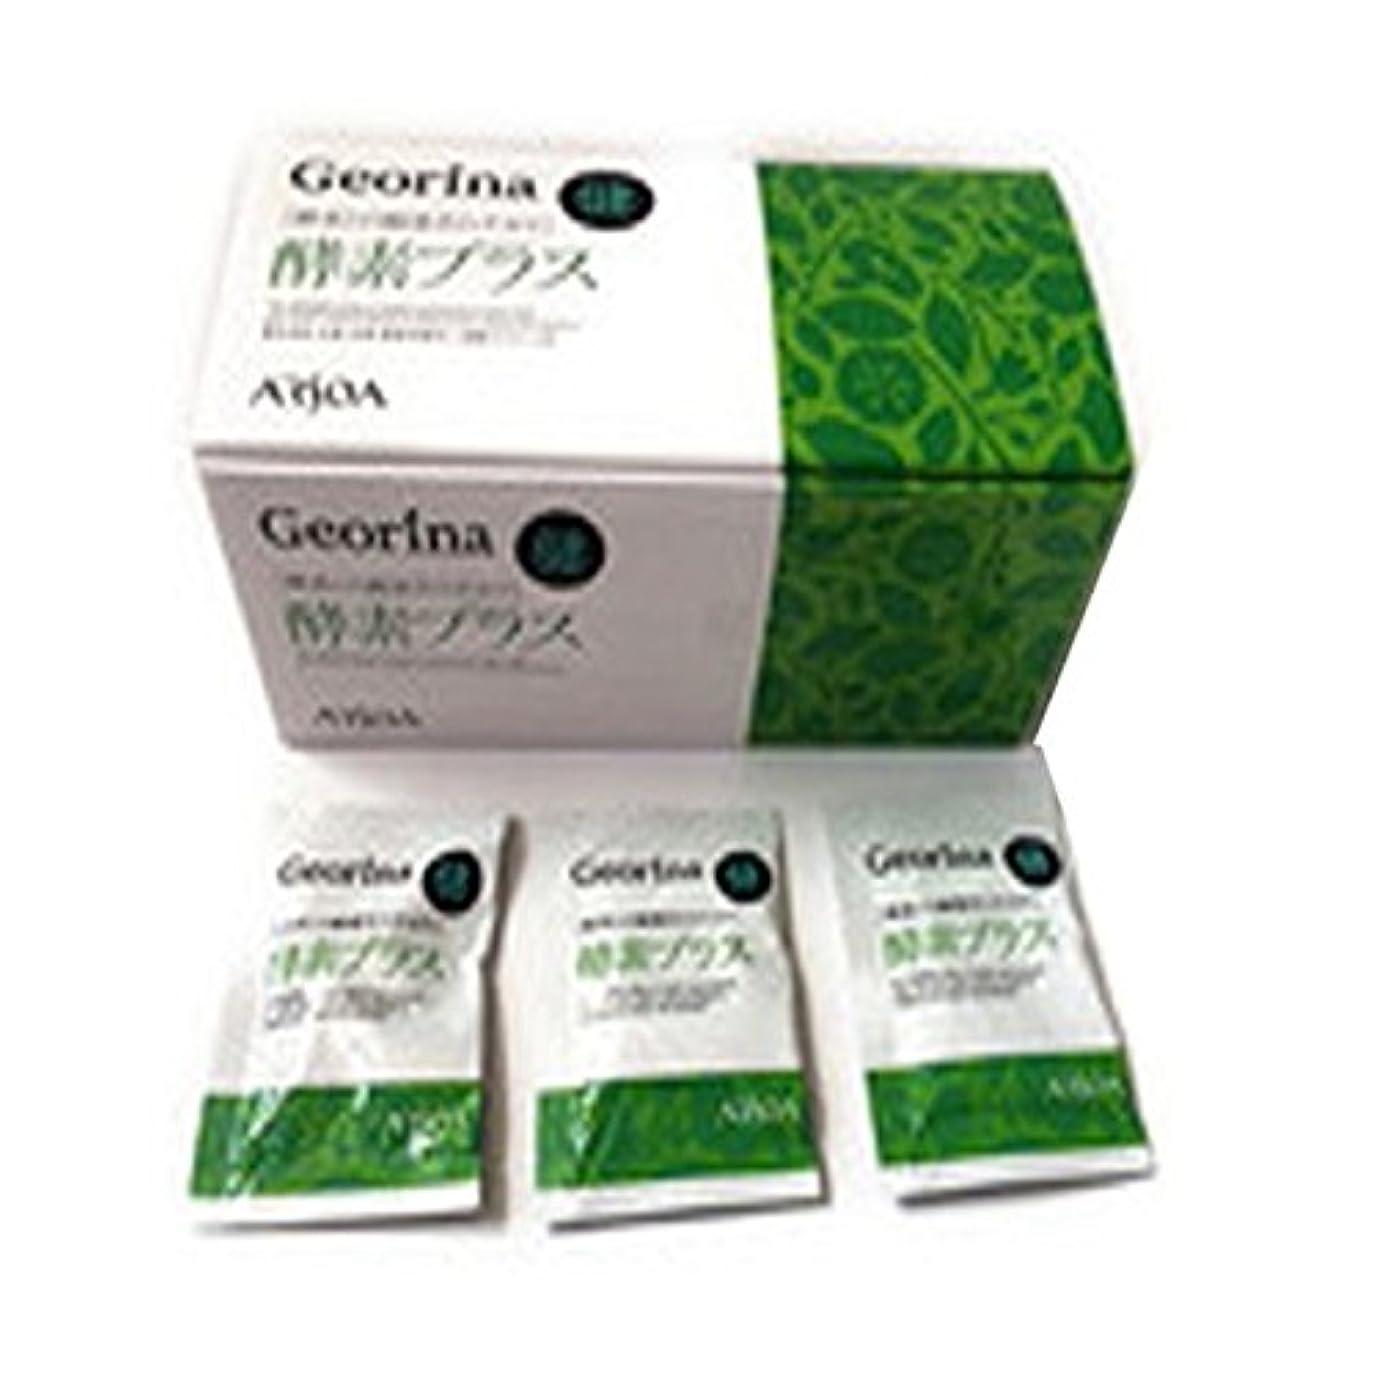 調停する実行可能したいARSOA(アルソア) ジオリナ 酵素プラス/レギュラー36g